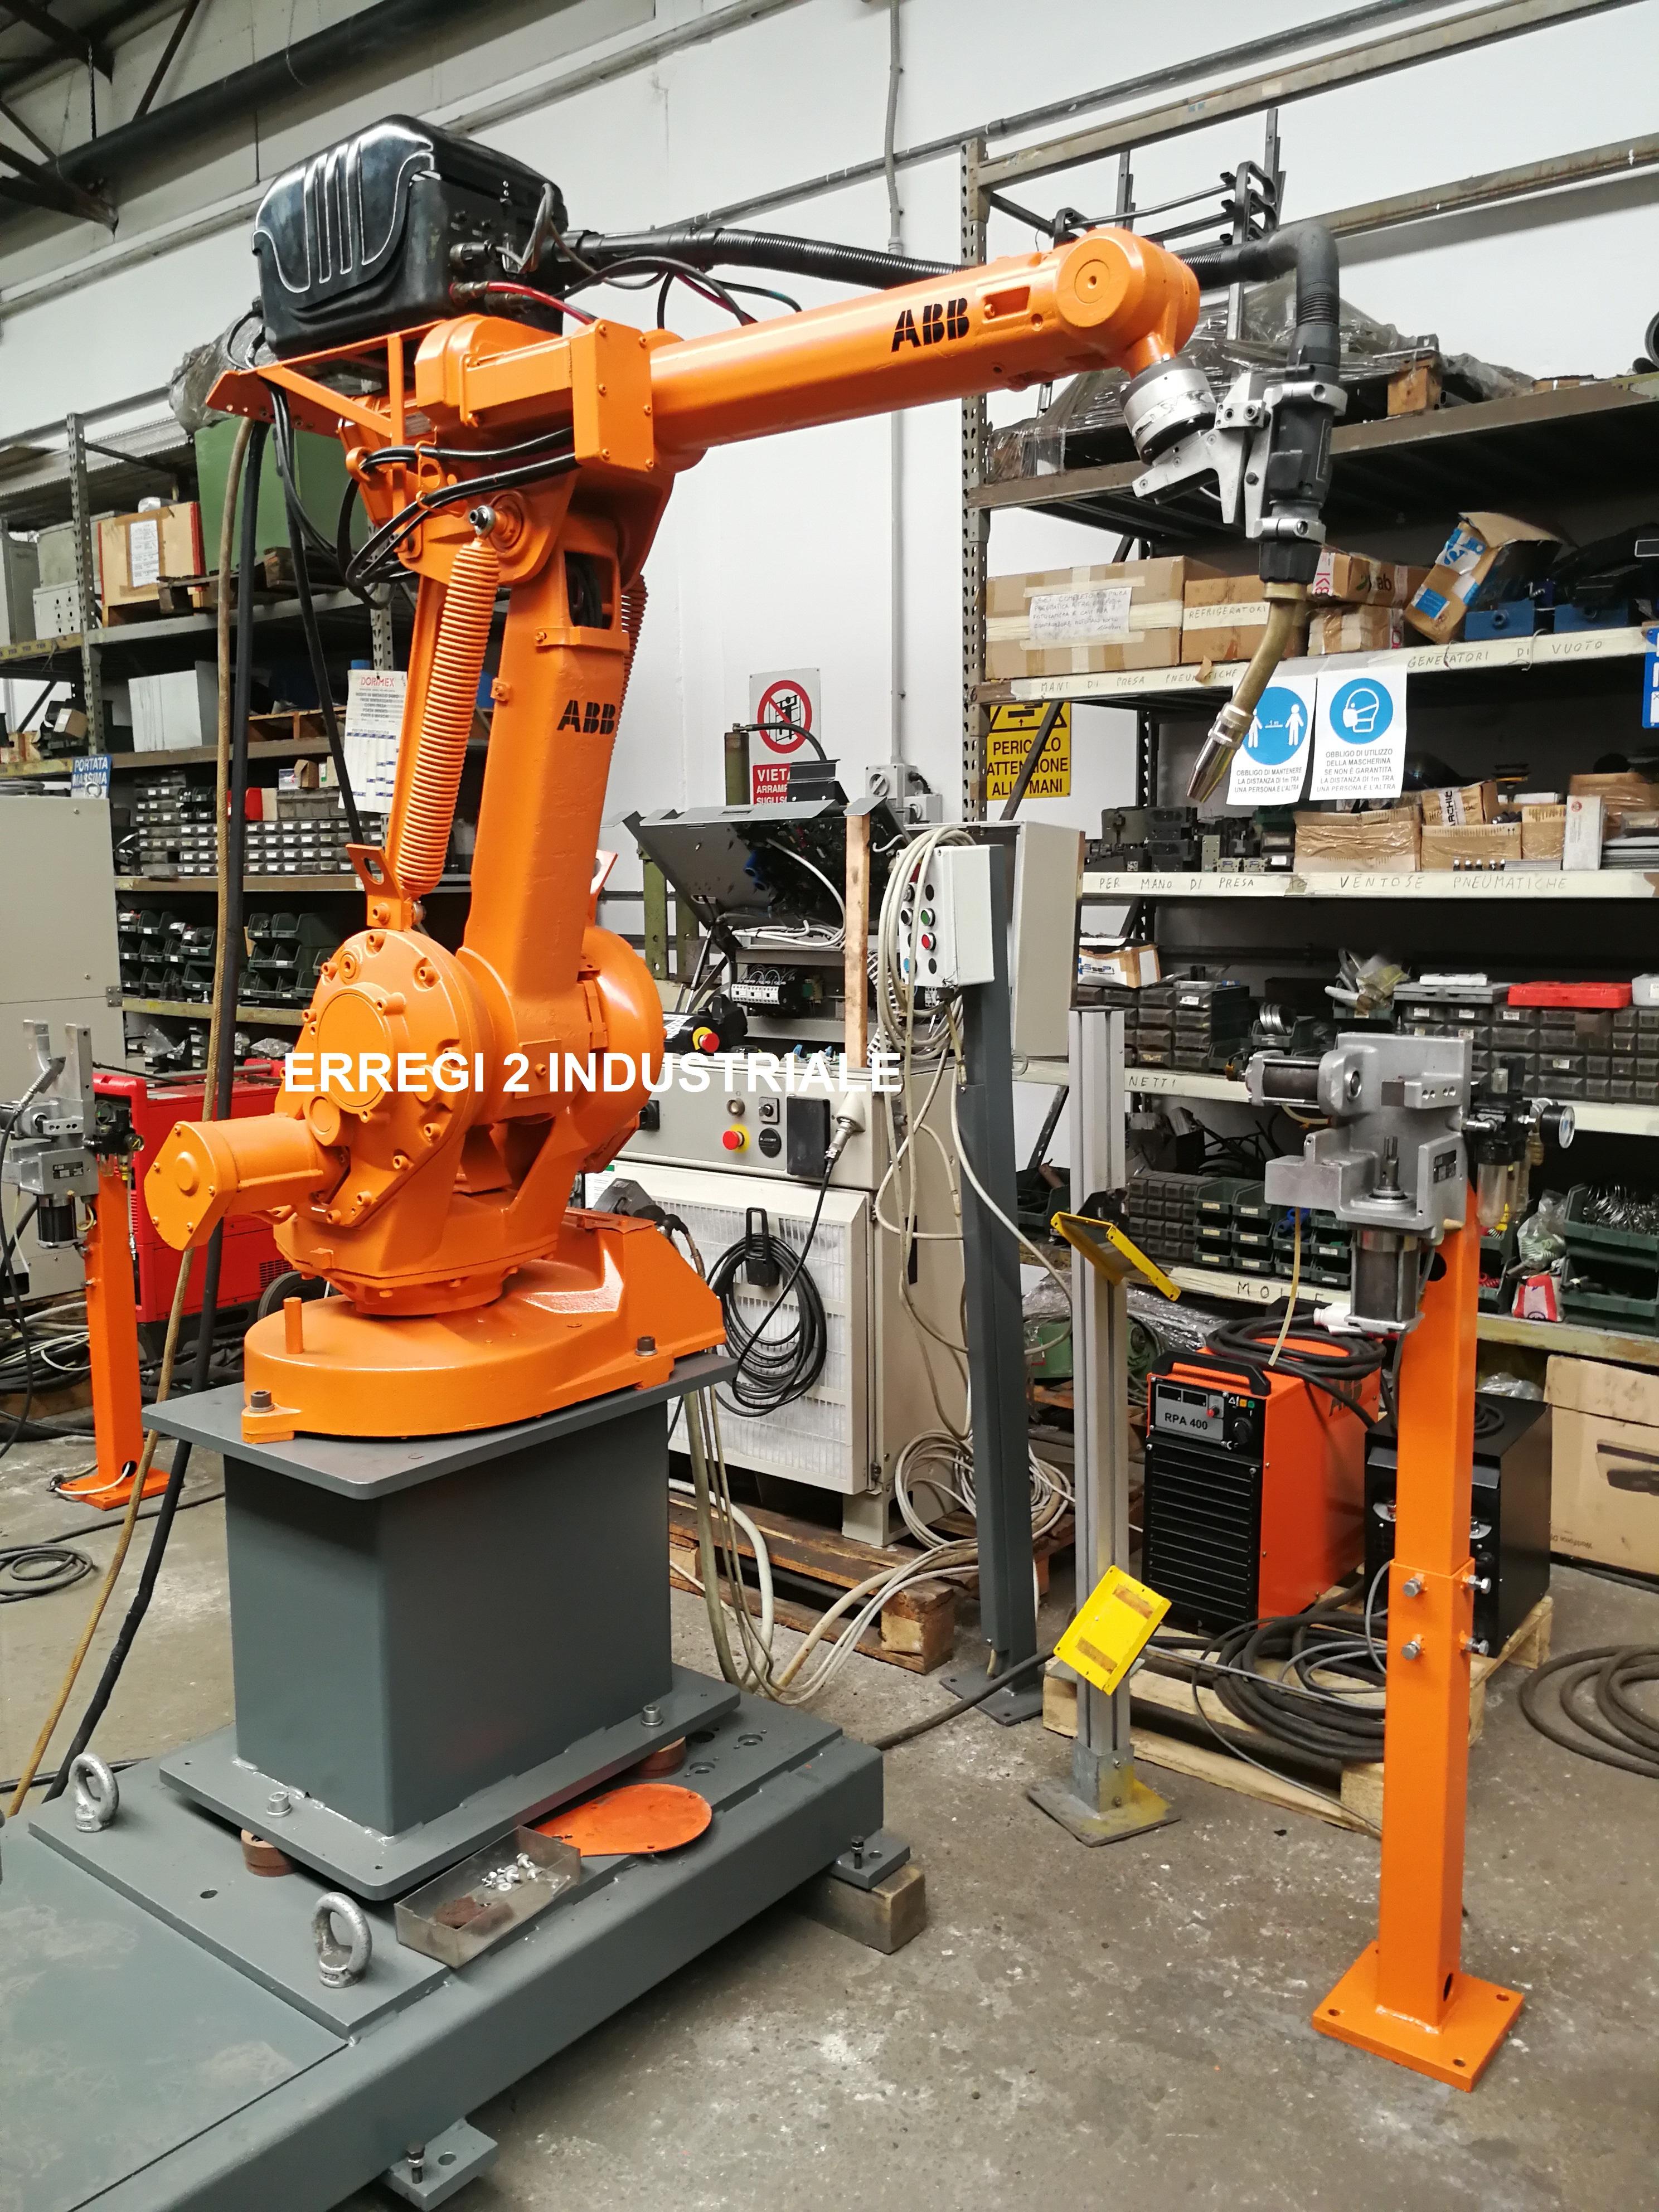 Isola Robot ABB Irb 1400 doppio tornio in vendita - foto 6